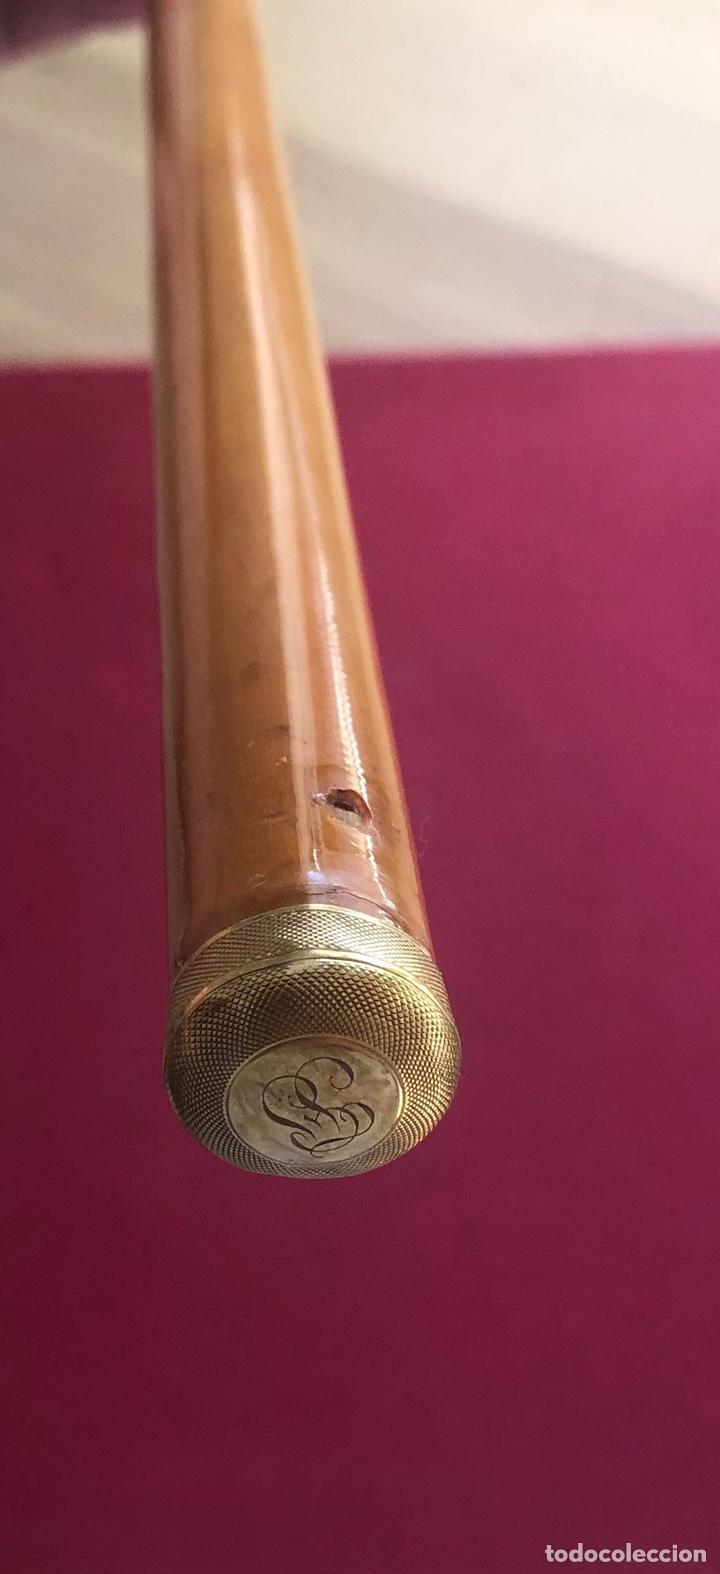 BASTÓN DE PASEO, CON EMPUÑADURA Y DORADO DE LA BASE, EN ORO DE 18K (Antigüedades - Moda - Bastones Antiguos)